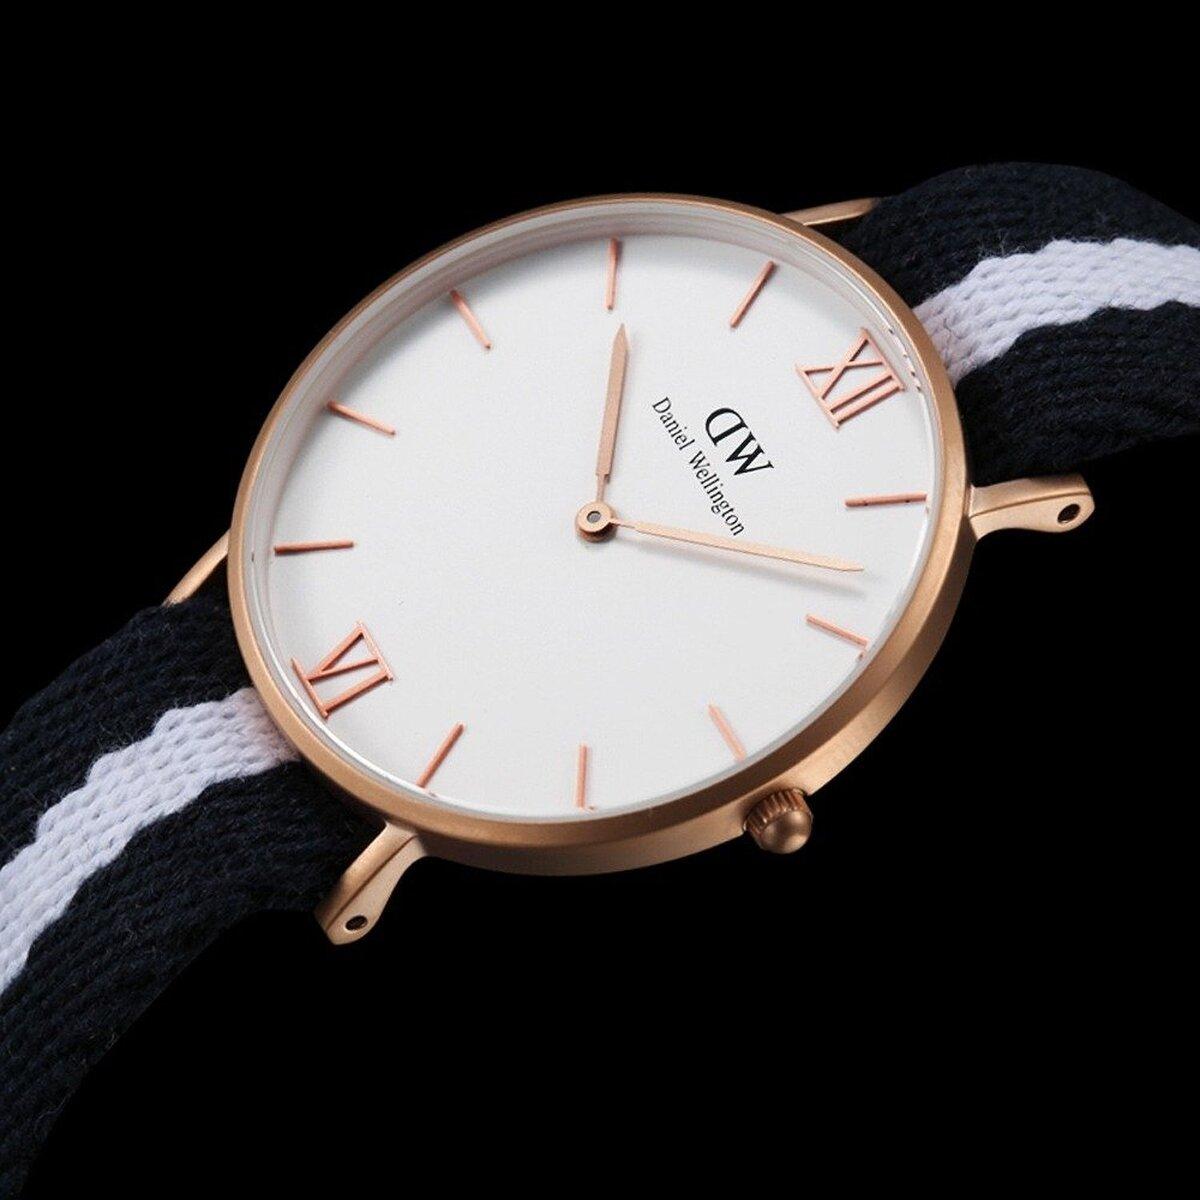 Не упустите уникальную возможность приобрести оригинальные часы daniel wellington в нашем интернет-магазине по доступной цене и наслаждаться их точным ходом и непревзойденным дизайном долгие годы!